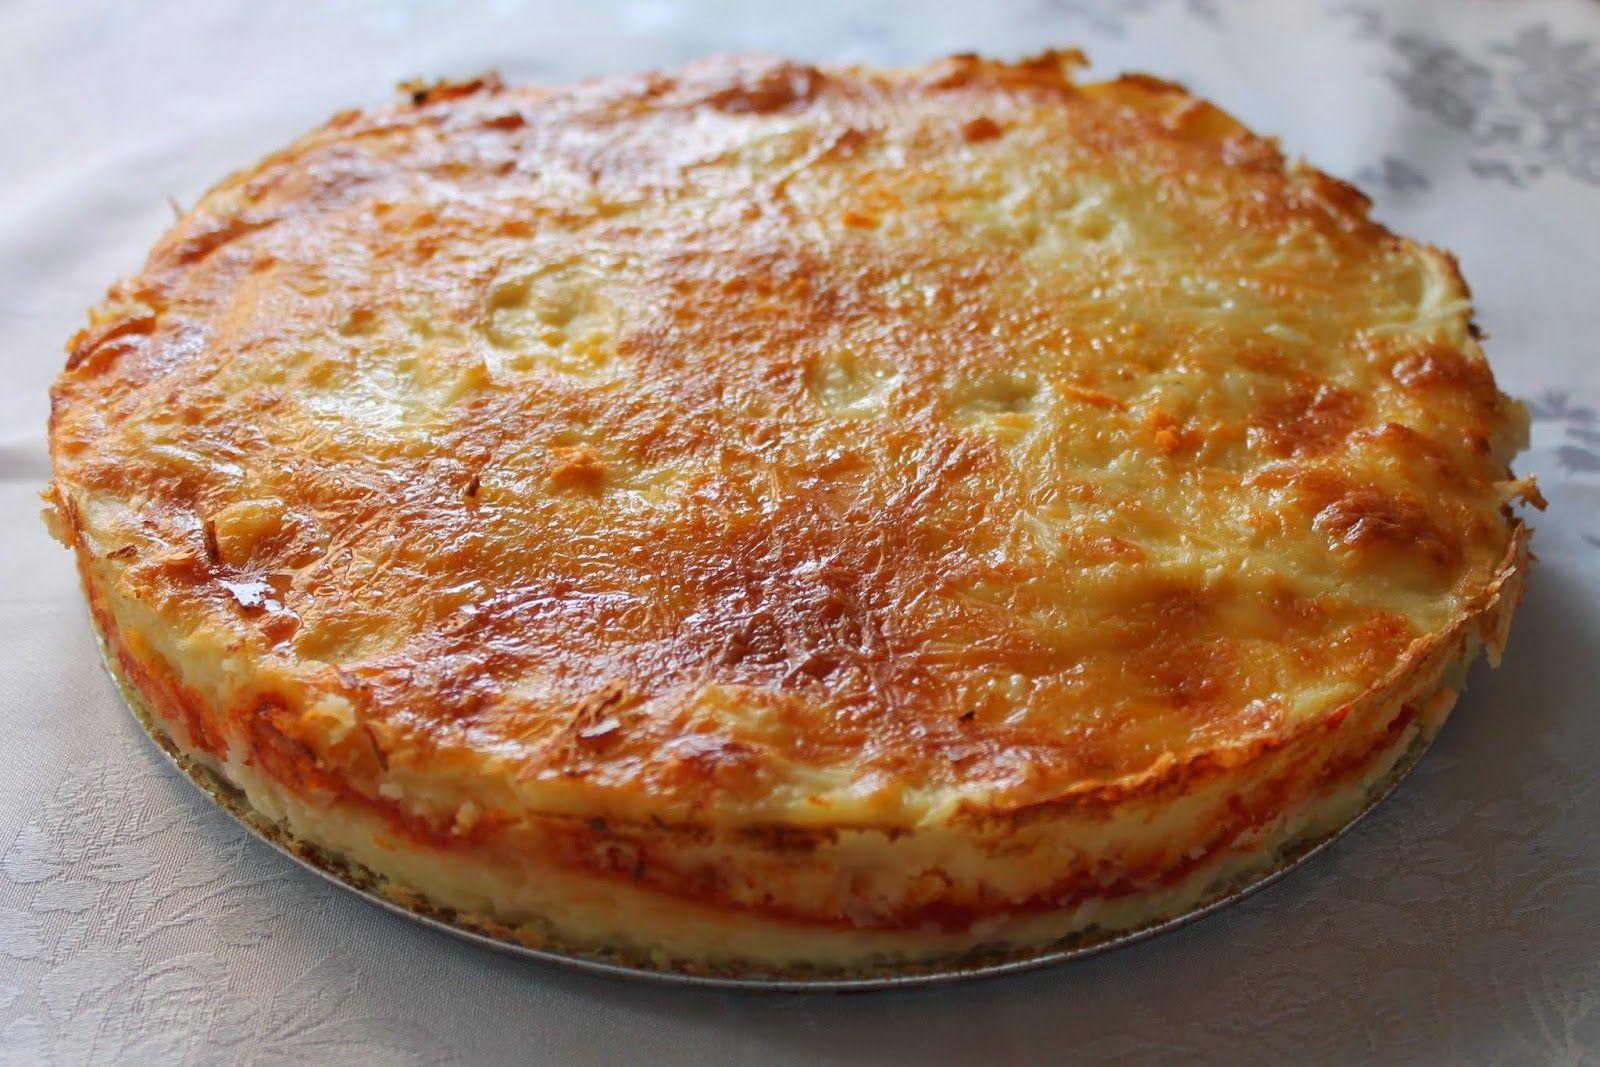 La receta de hoy es un pastel que se puede preparar con for Que se puede cocinar hoy